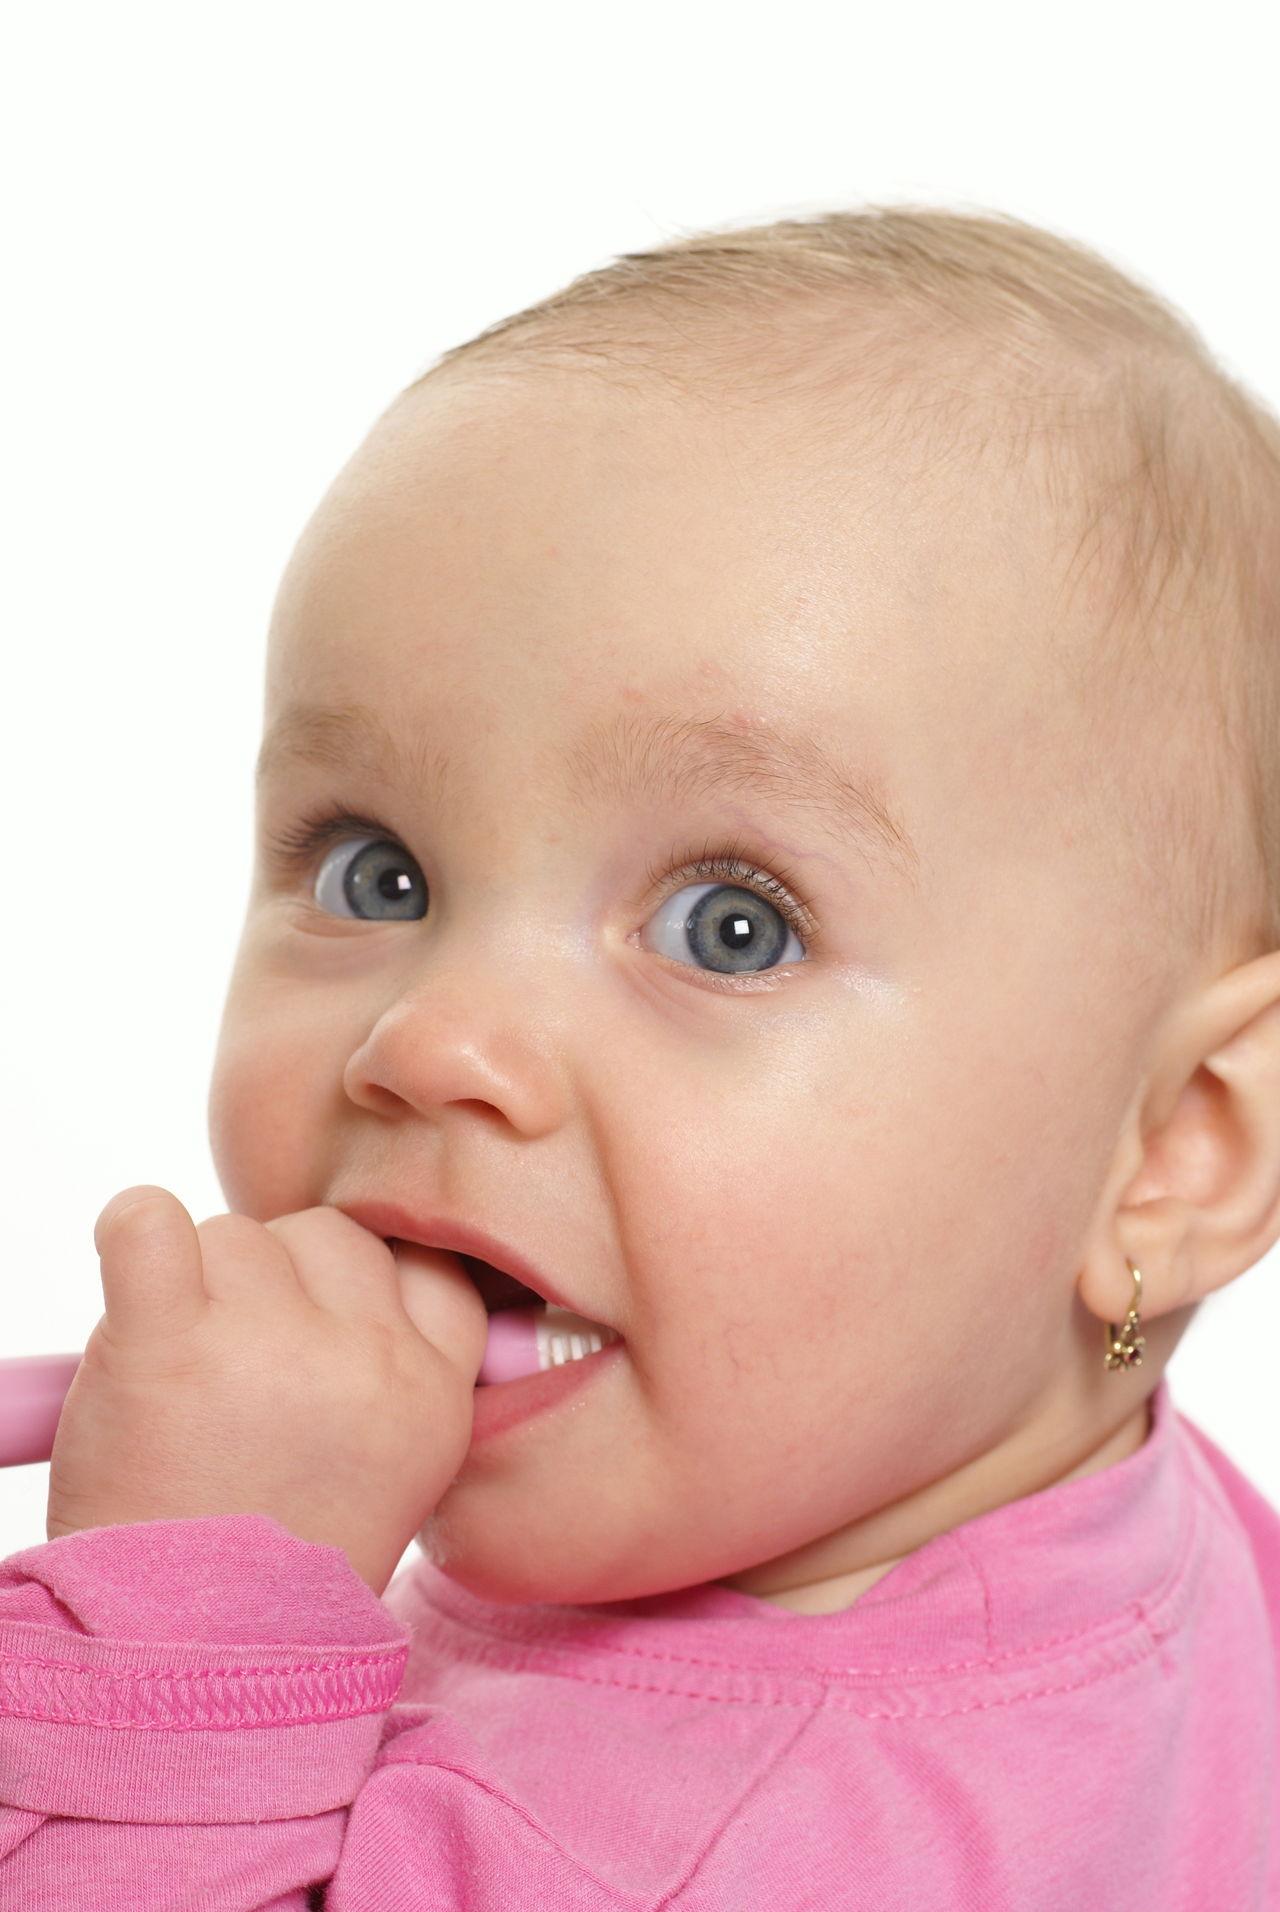 When do Babies Start Teething? - Apt Parenting